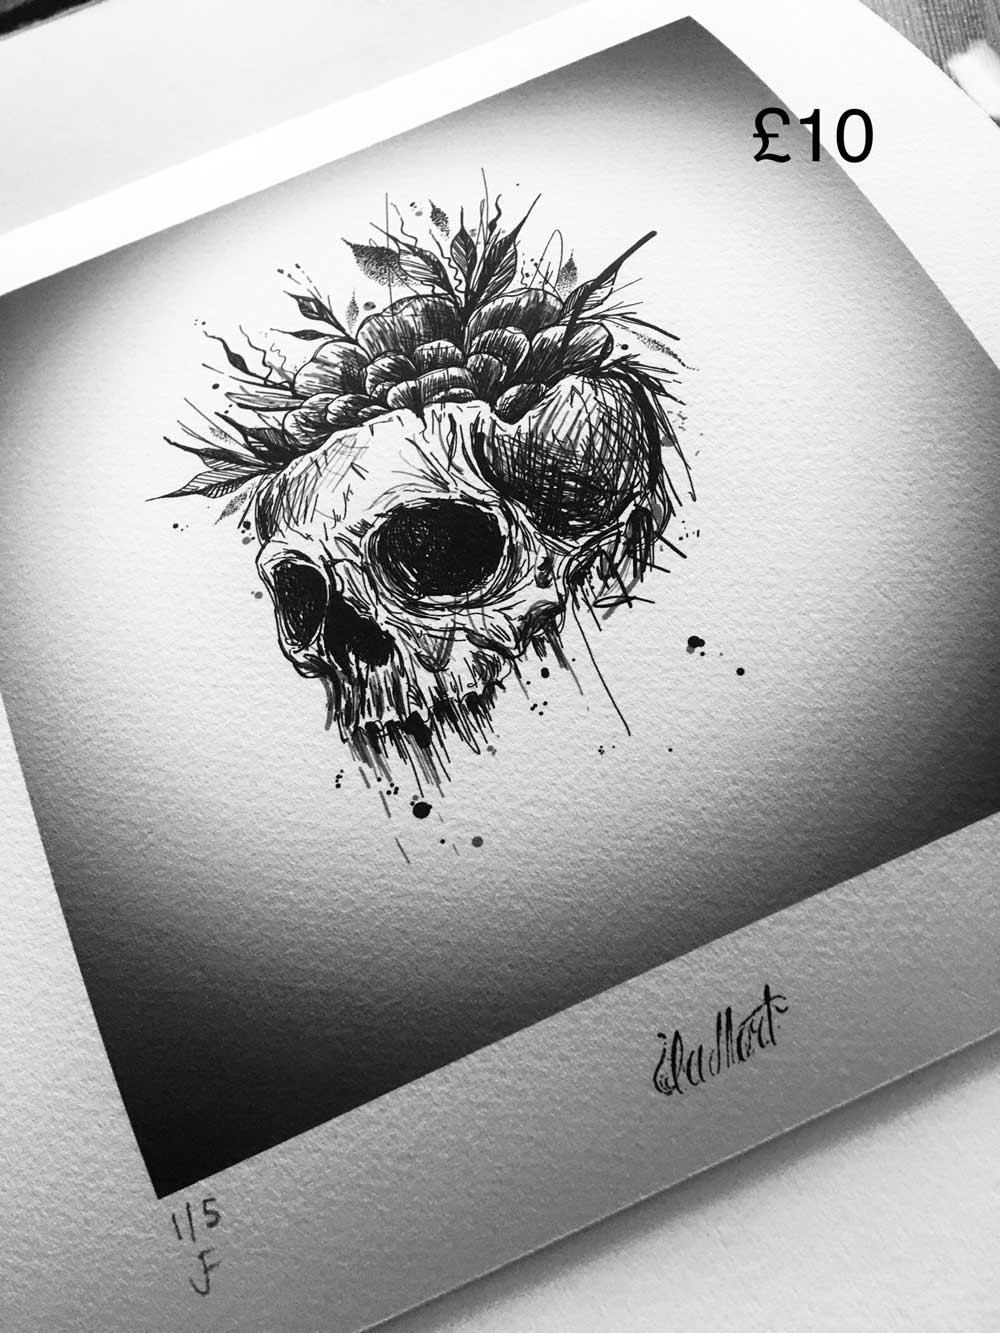 La Mort Skull